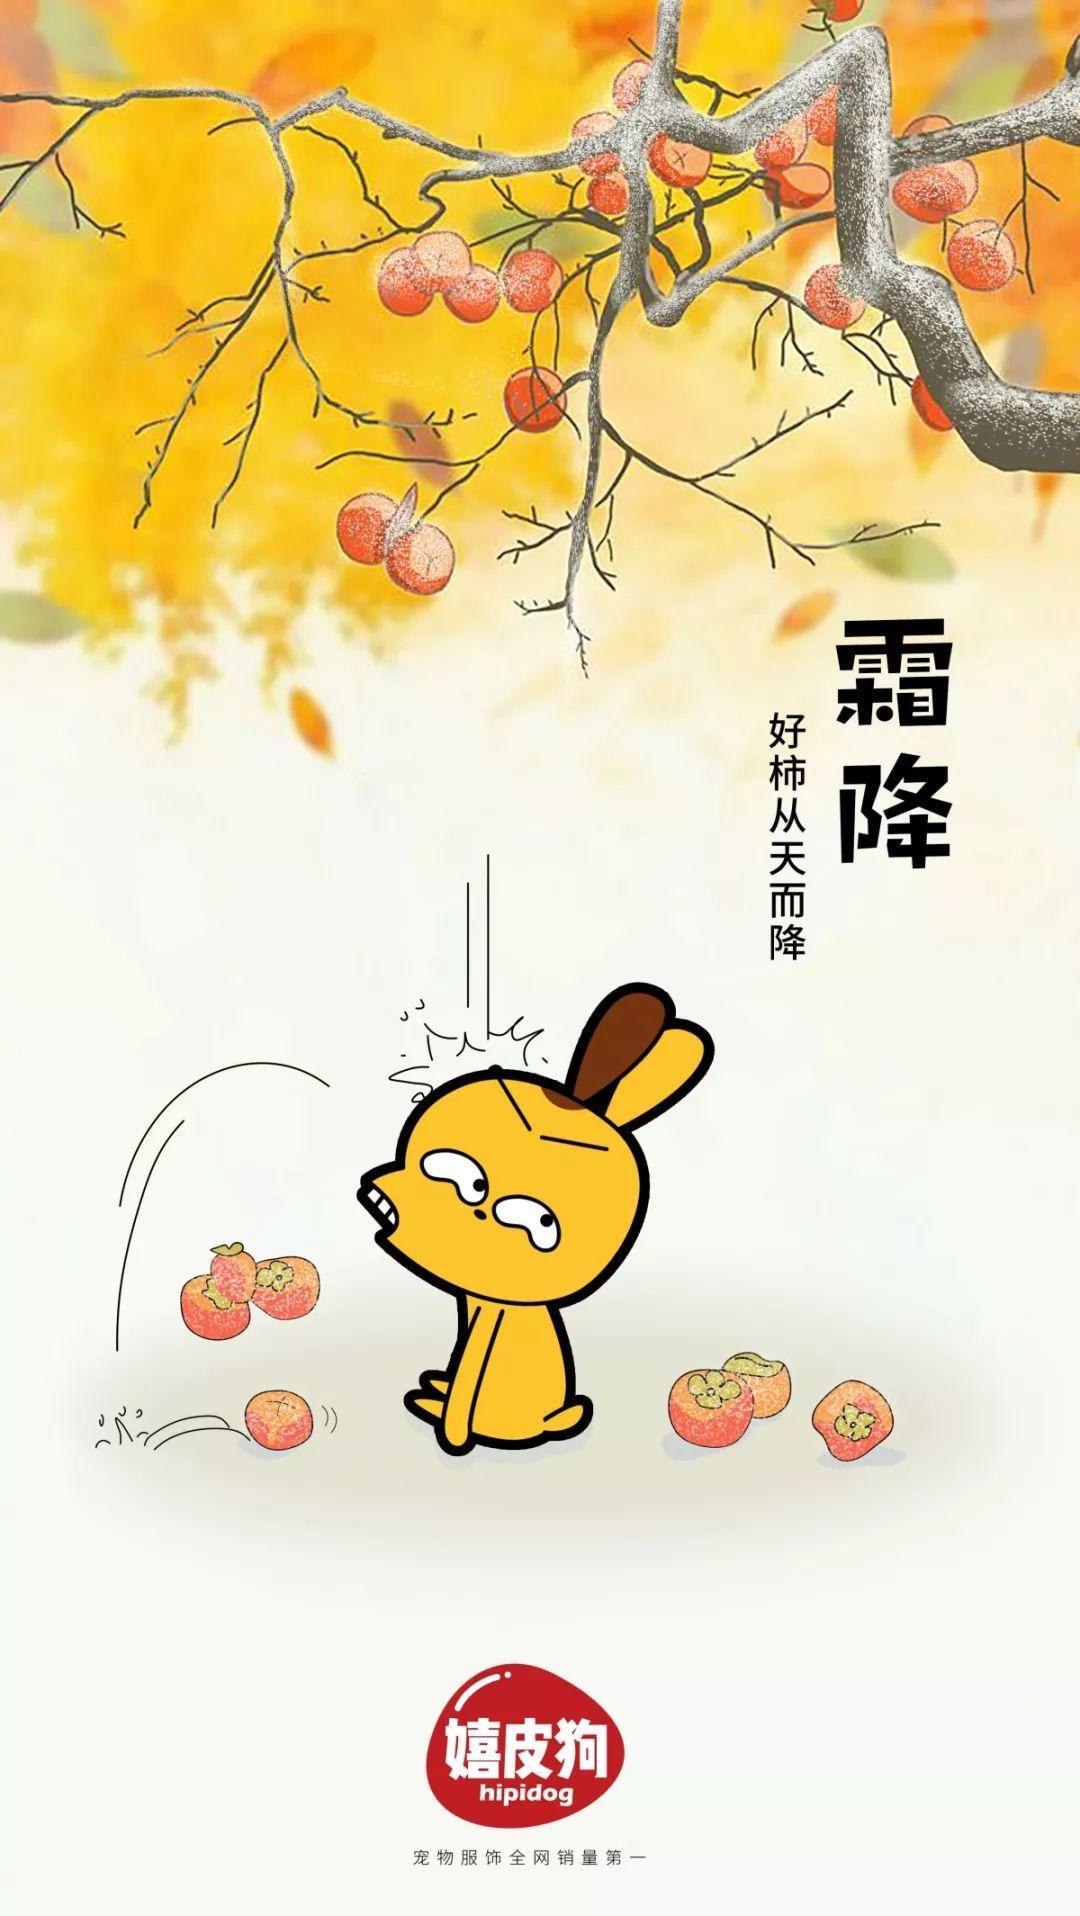 """同样引用摘柿子的情境 用自家的卡通形象作为代言人 画面非常可爱 好"""""""